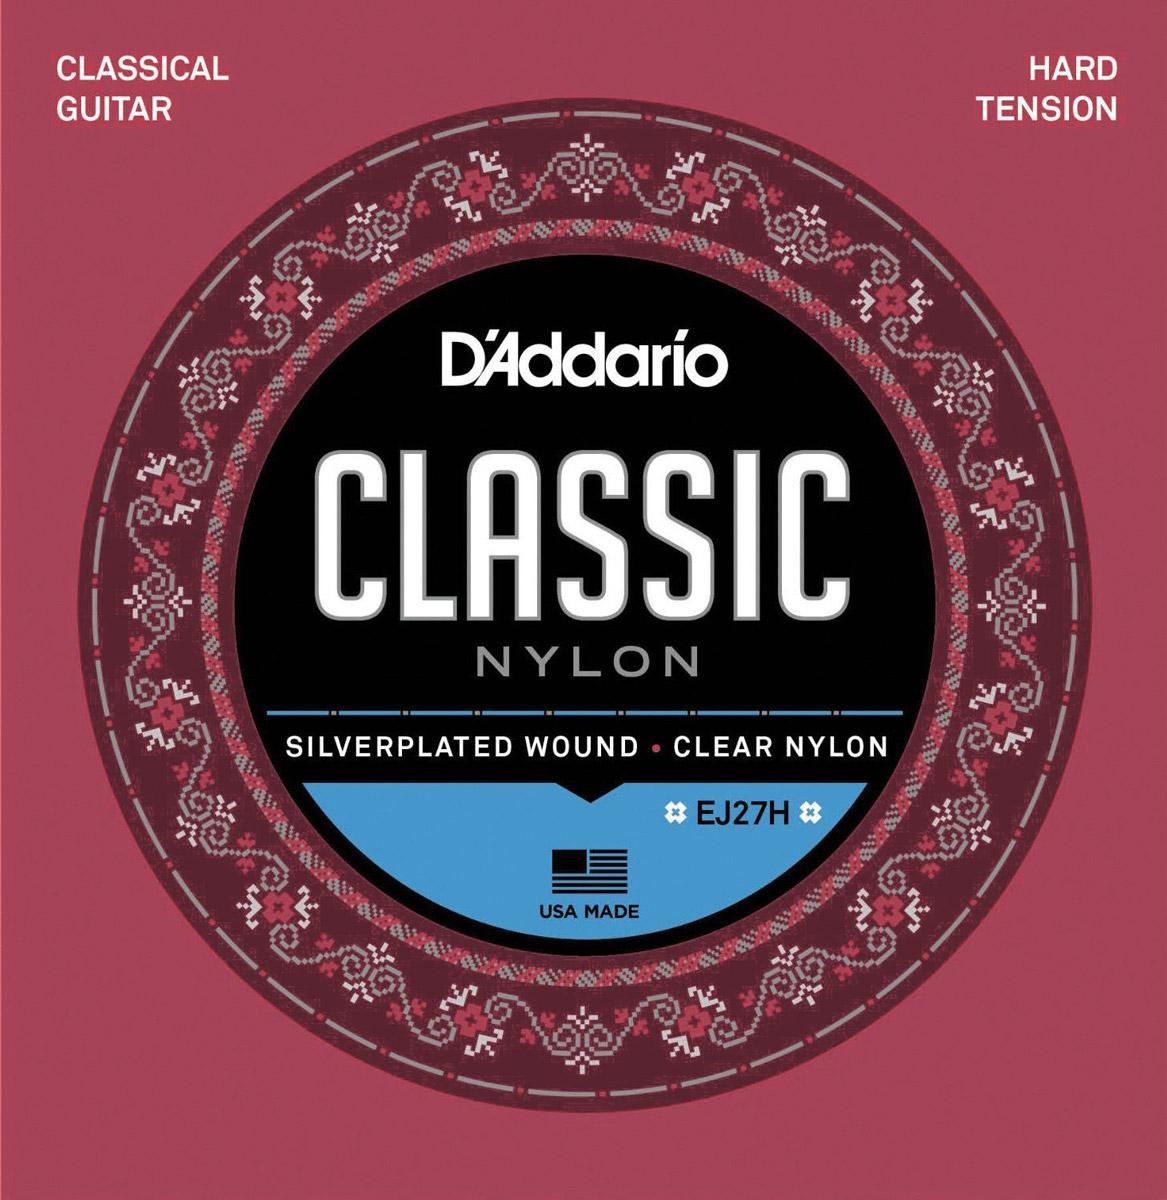 D'Addario EJ27H струны для классической гитары d addario ej46 струны для классической гитары